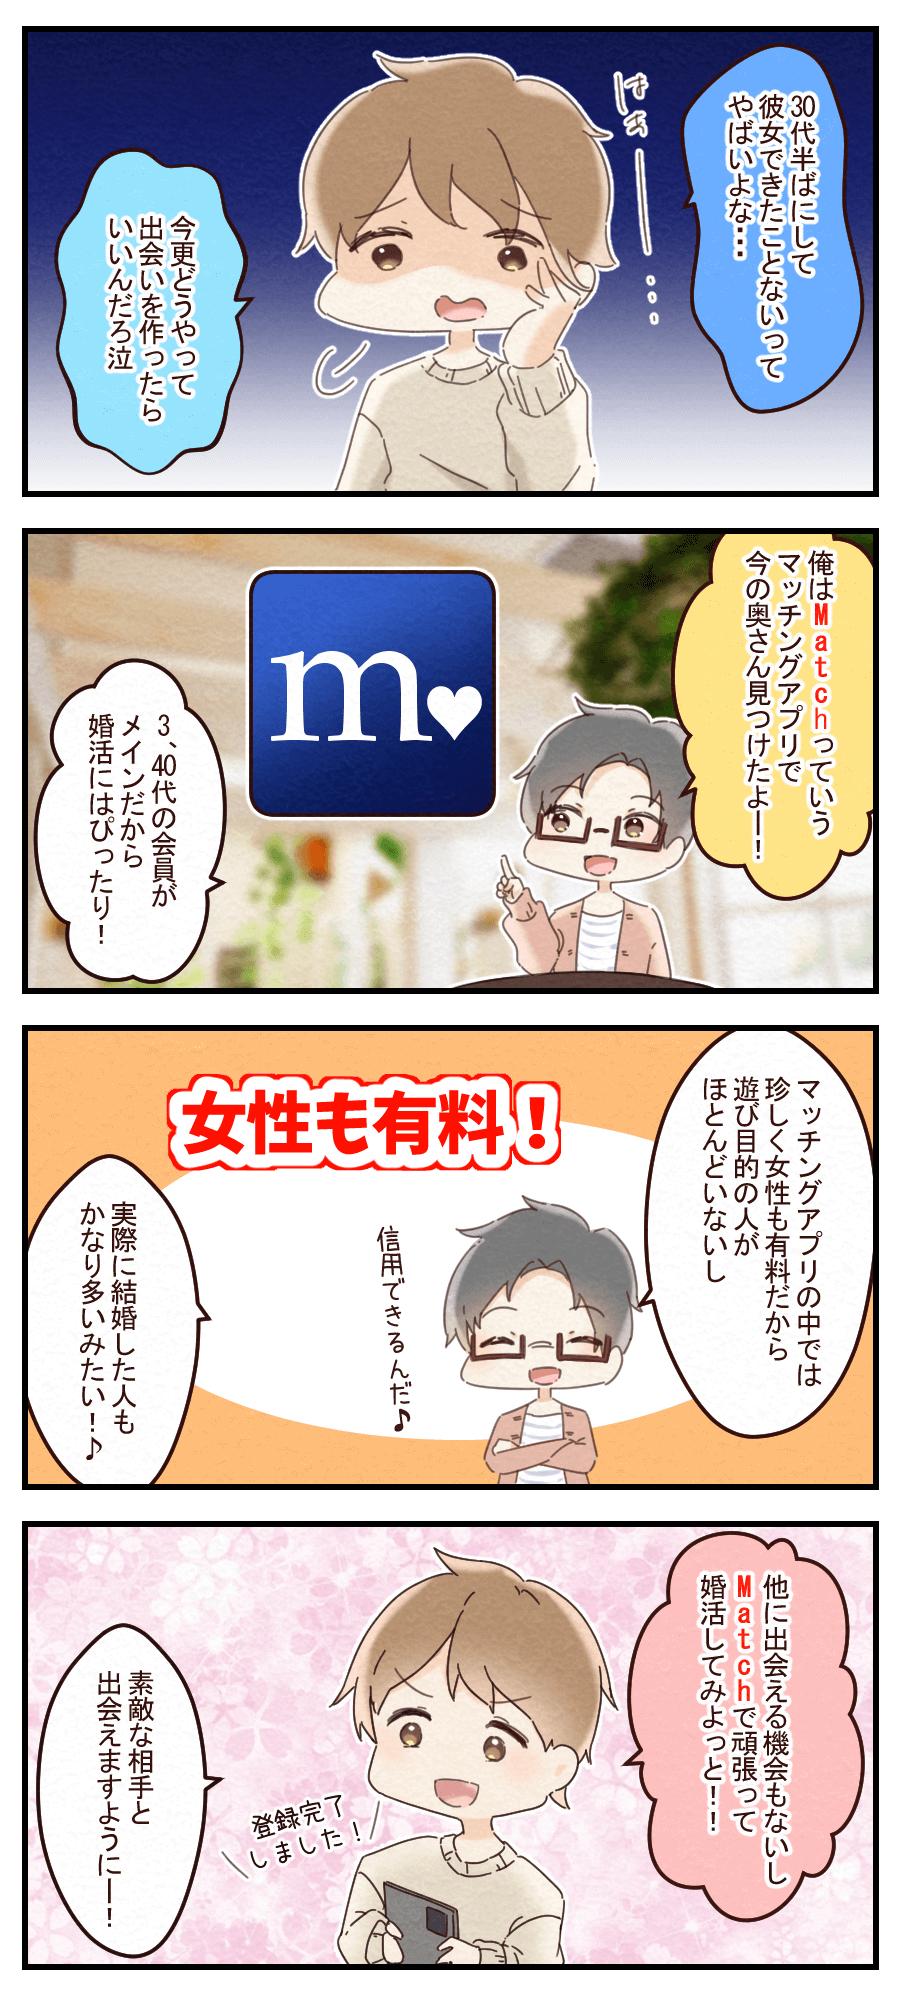 マッチ評判